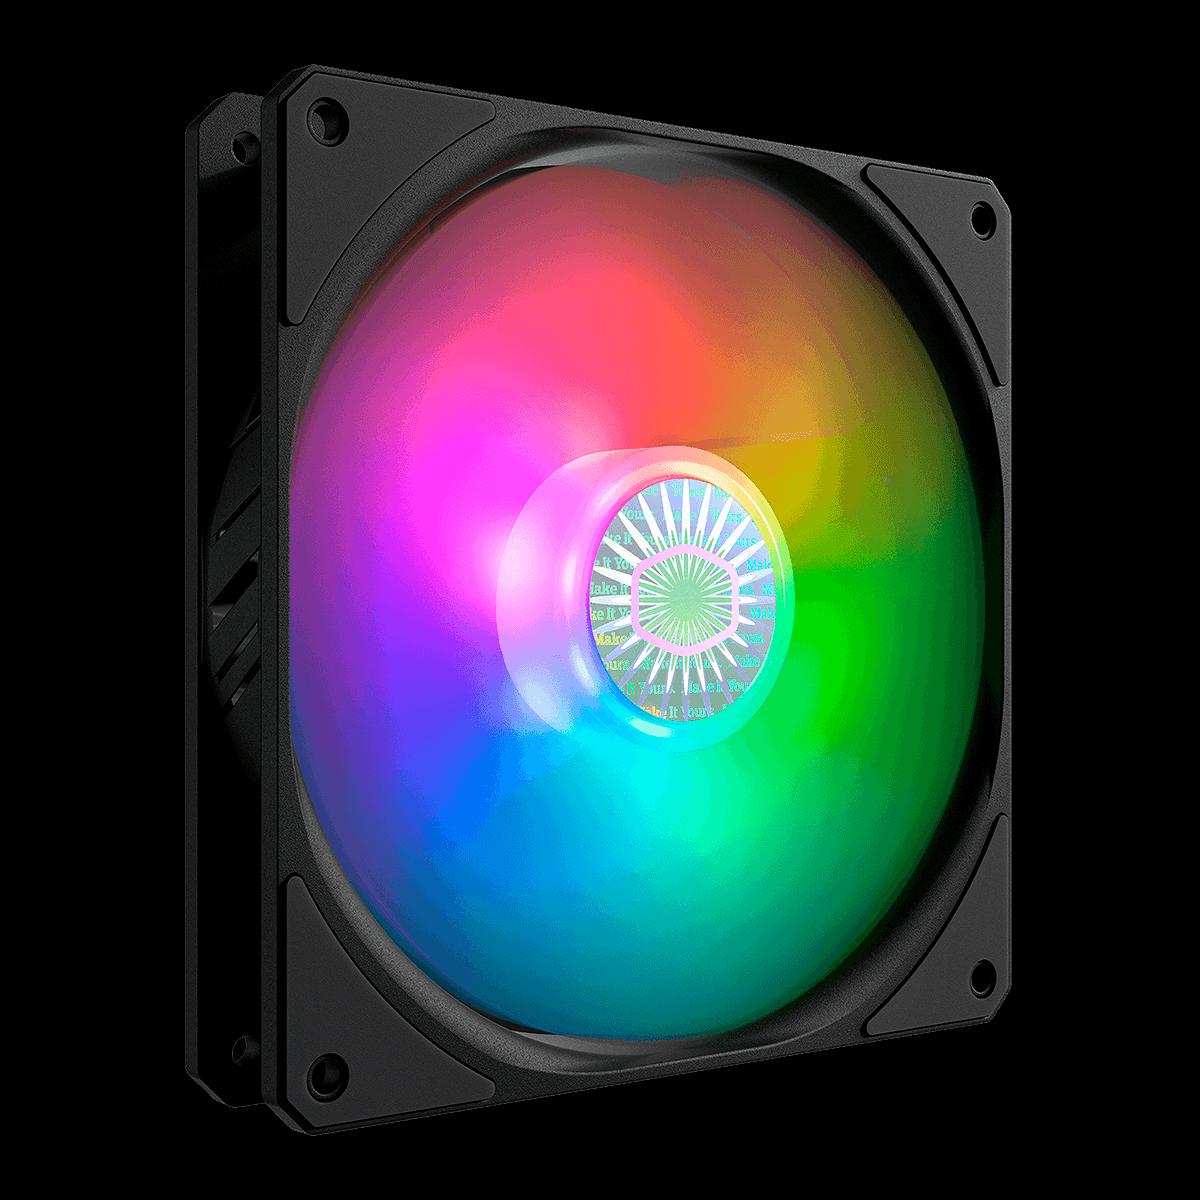 Cooler FAN Cooler Master Sickleflow 140 ARGB, 140mm, RGB - MFX-B4DN-14NPA-R1